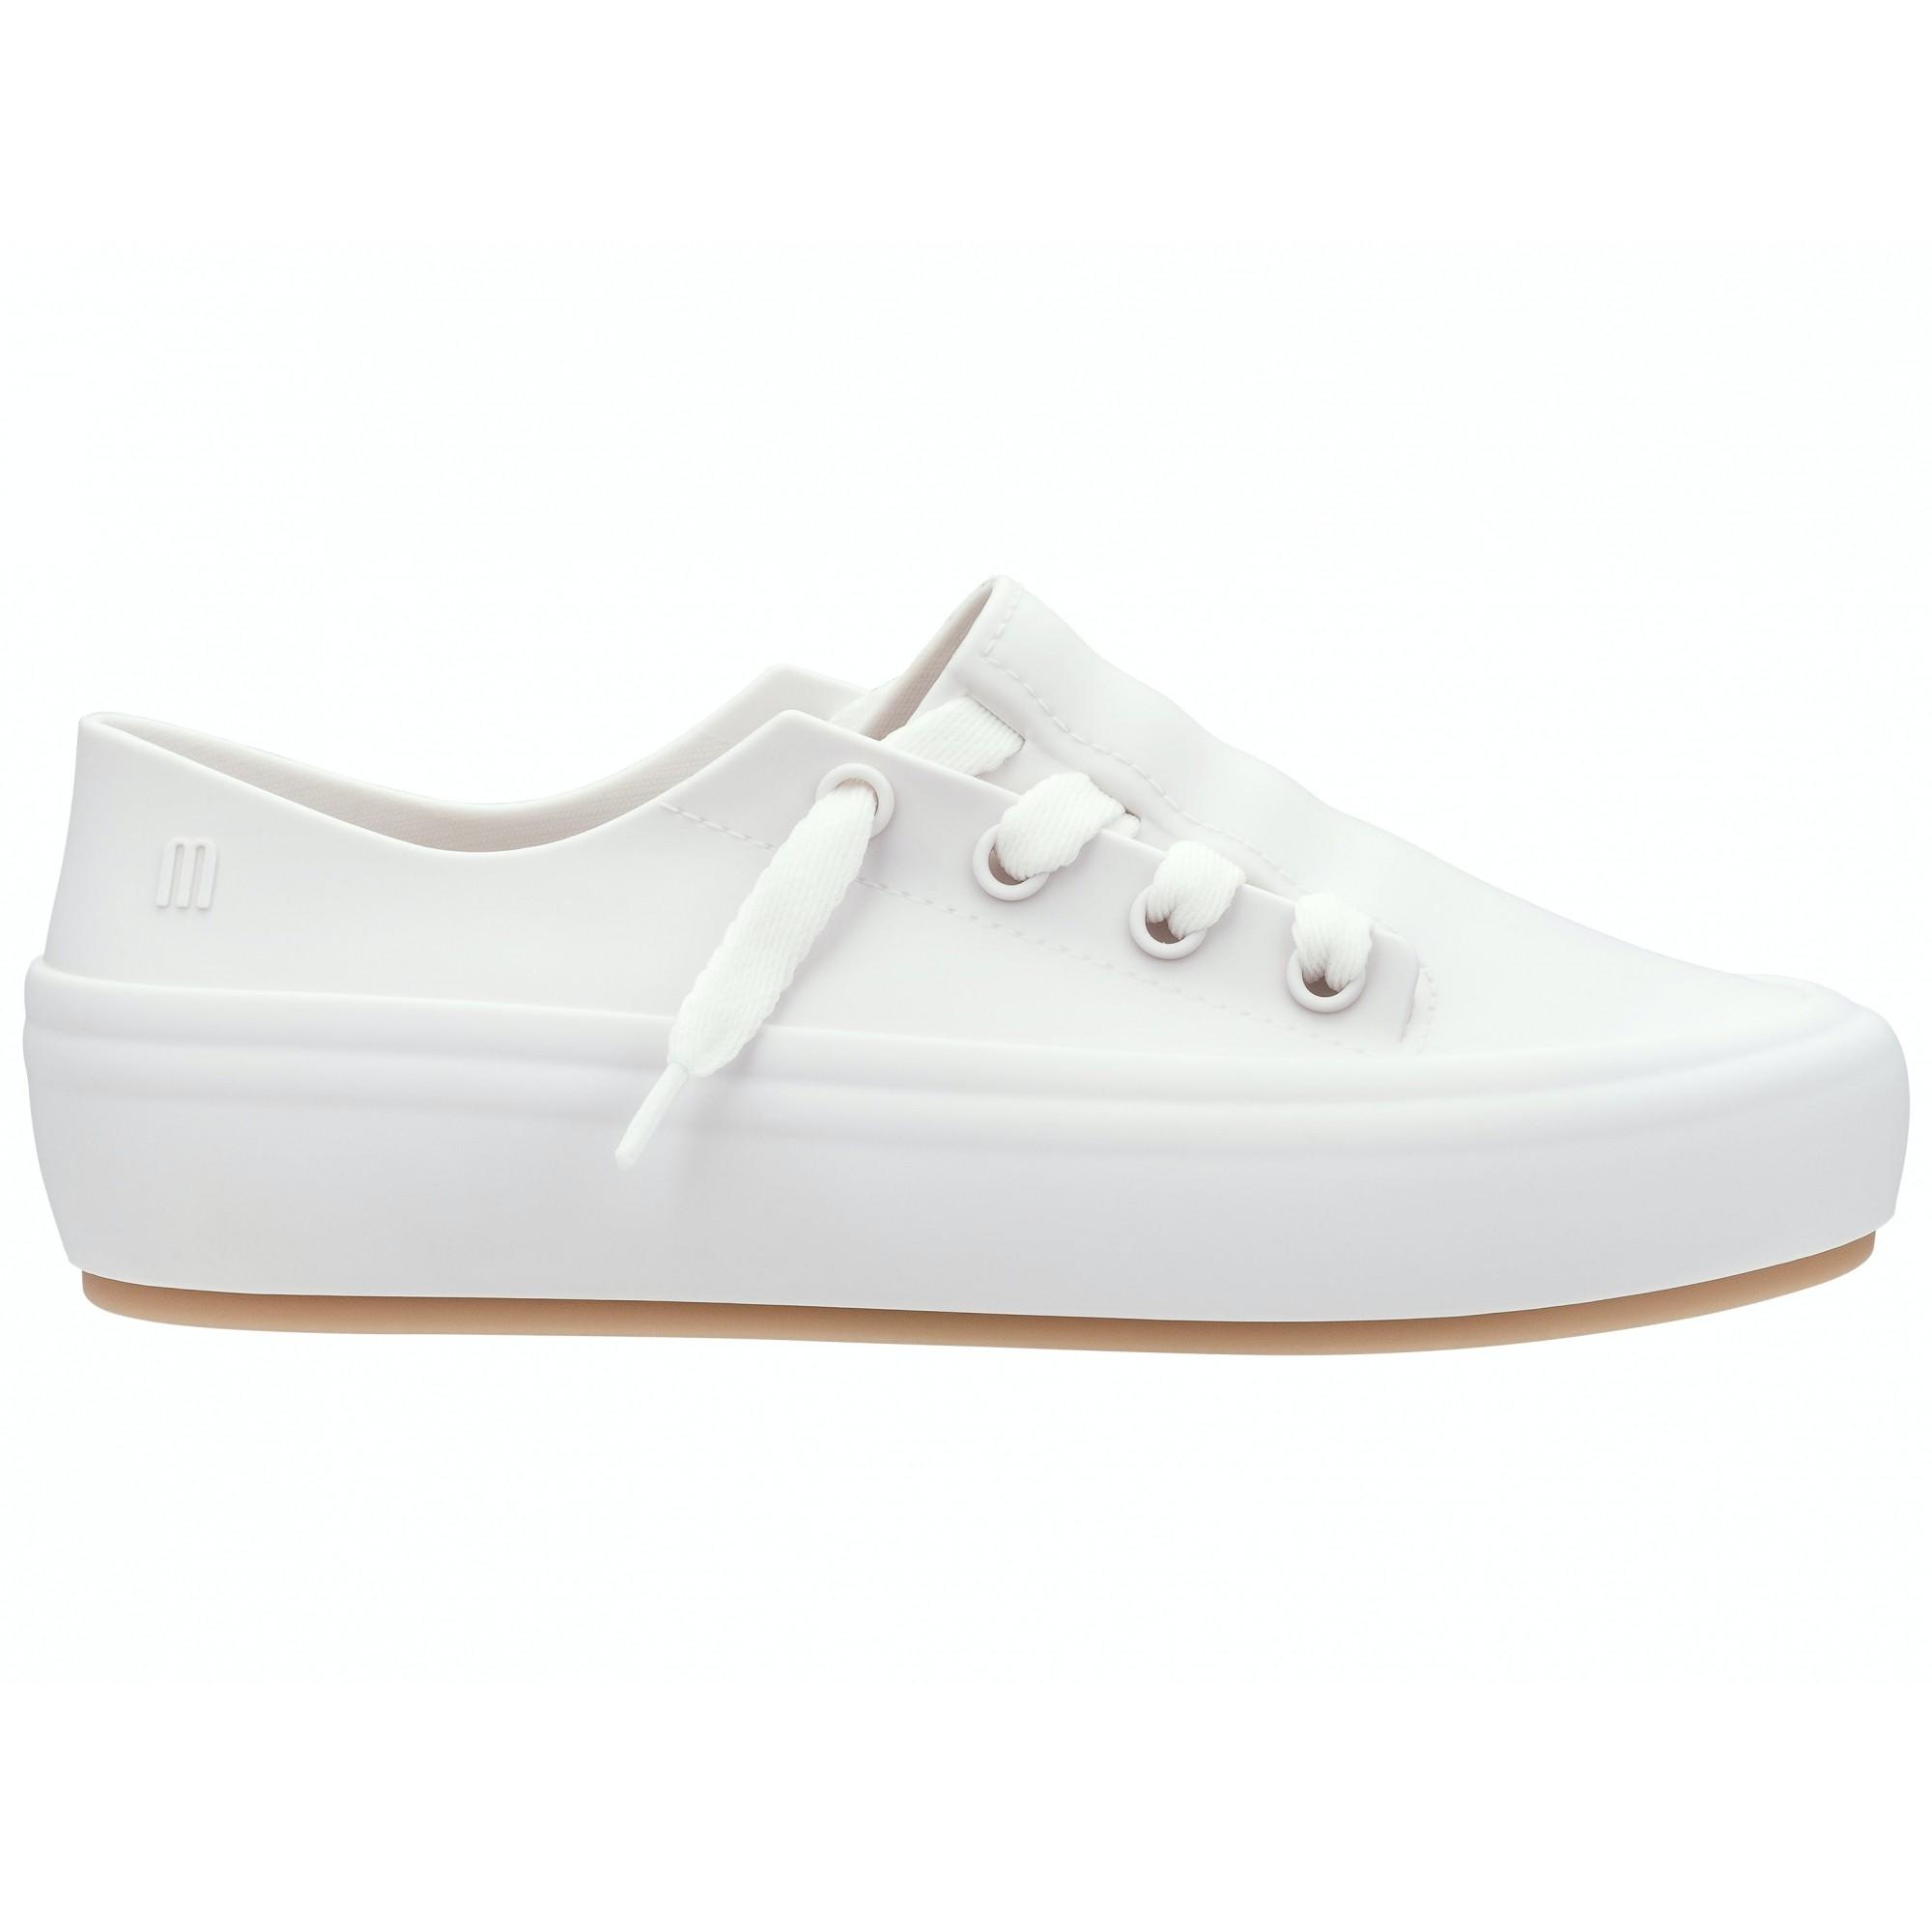 Melissa Ulitsa Sneaker Branco Bege